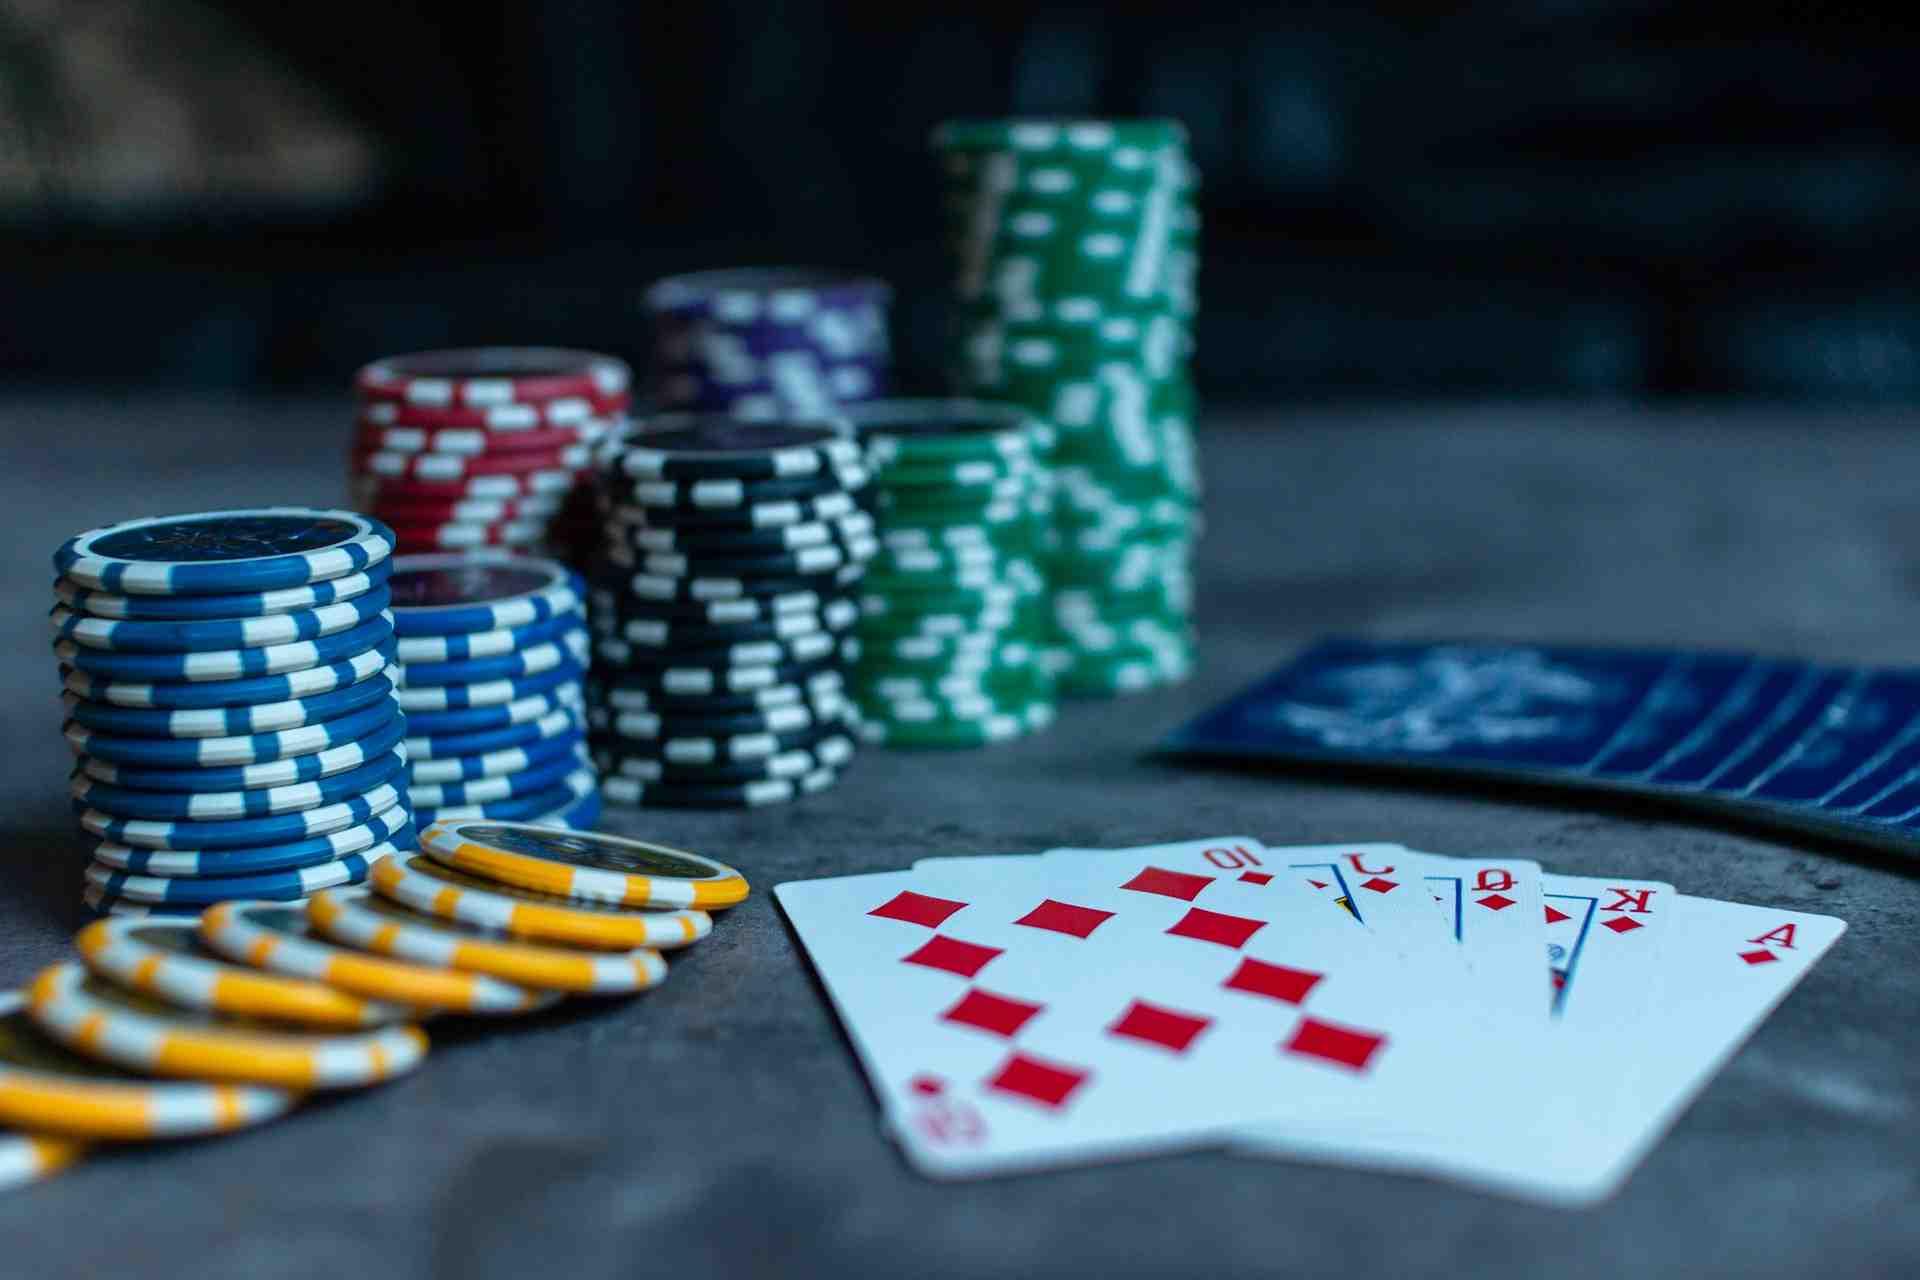 Pourquoi ne pas jouer aux jeux d'argent ?